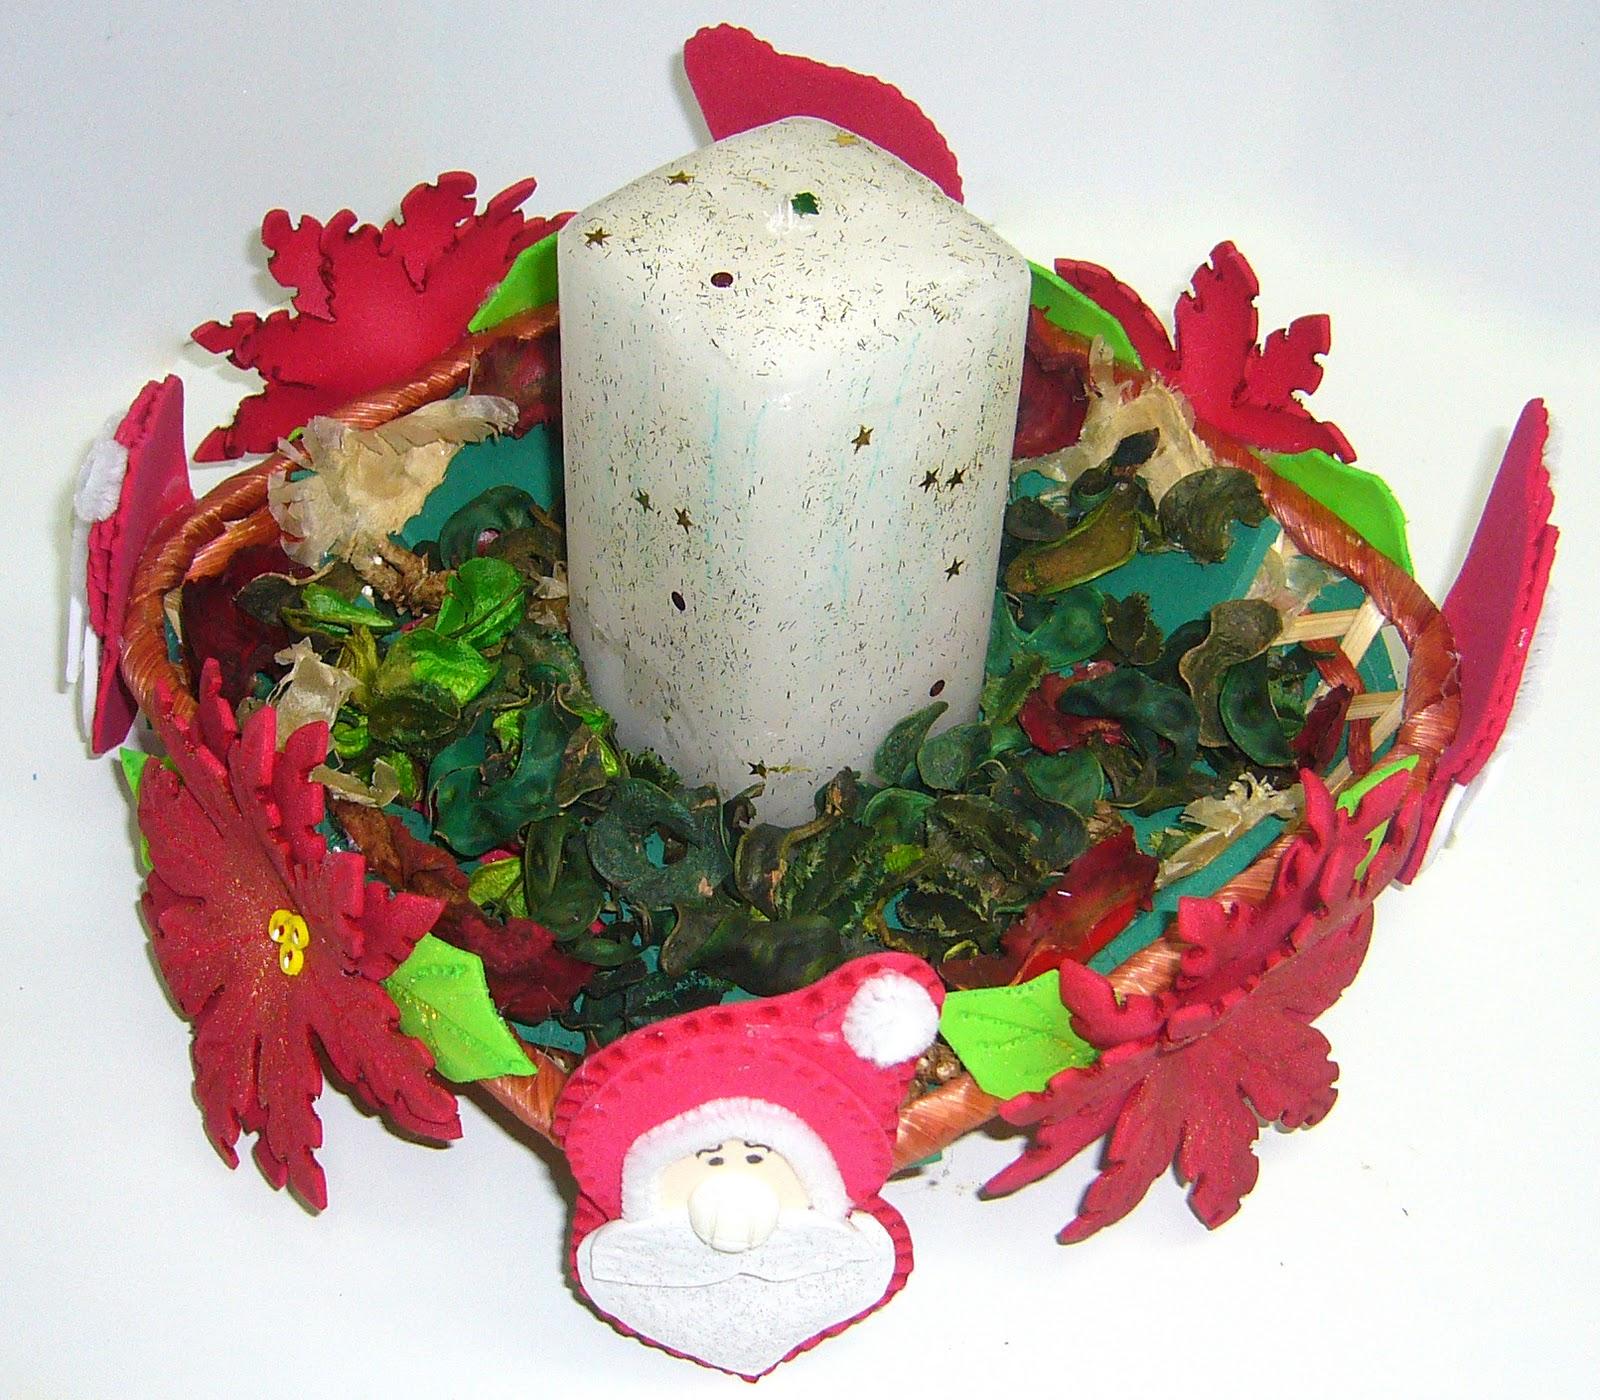 Amigos del foamy una cesta para navidad for Cesta arbol navidad